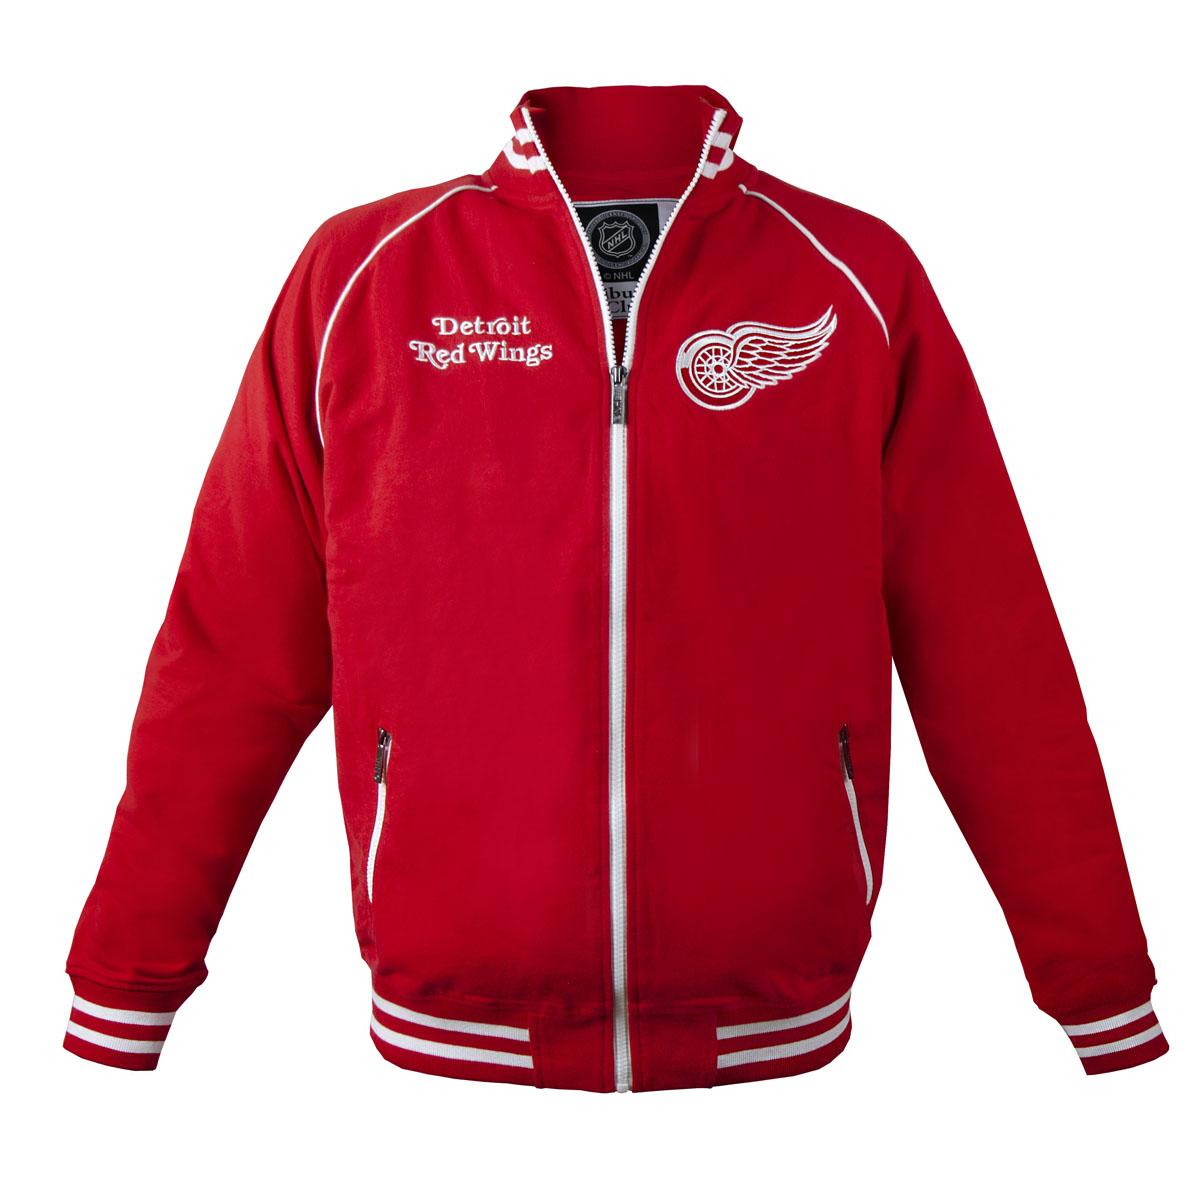 Толстовка с логотипом ХК35600Мужская толстовка NHL Detroit Red Wings, изготовленная из натурального хлопка, очень мягкая и приятная на ощупь, не сковывает движения, обеспечивая наибольший комфорт. Толстовка с небольшим воротником-стойкой и длинными рукавами-реглан застегивается на молнию по всей длине. Снизу модели предусмотрена широкая мягкая резинка, которая предотвращает проникновение холодного воздуха. Рукава дополнены эластичными манжетами. Спереди расположены два прорезных кармана на застежках-молниях. Изделие оформлено вышивками с названием хоккейного клуба Detroit Red Wings и его эмблемой. Стильная толстовка подарит вам комфорт и станет отличным дополнением к вашему гардеробу.